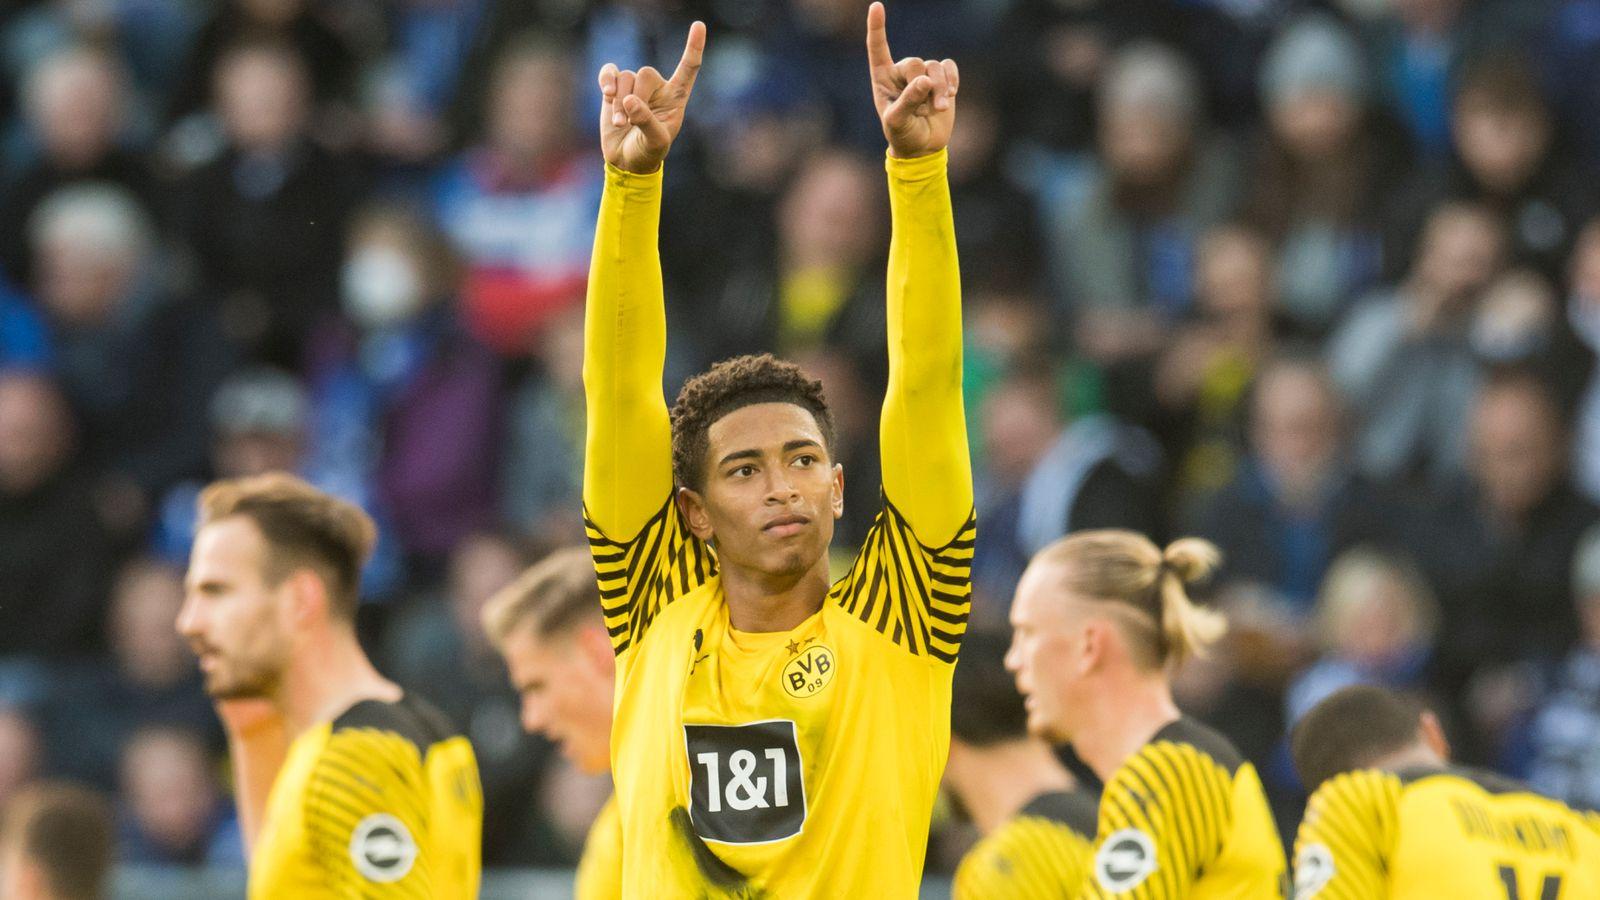 Euro round-up: Jude Bellingham scores wonder goal in Dortmund win, Bayern also victorious